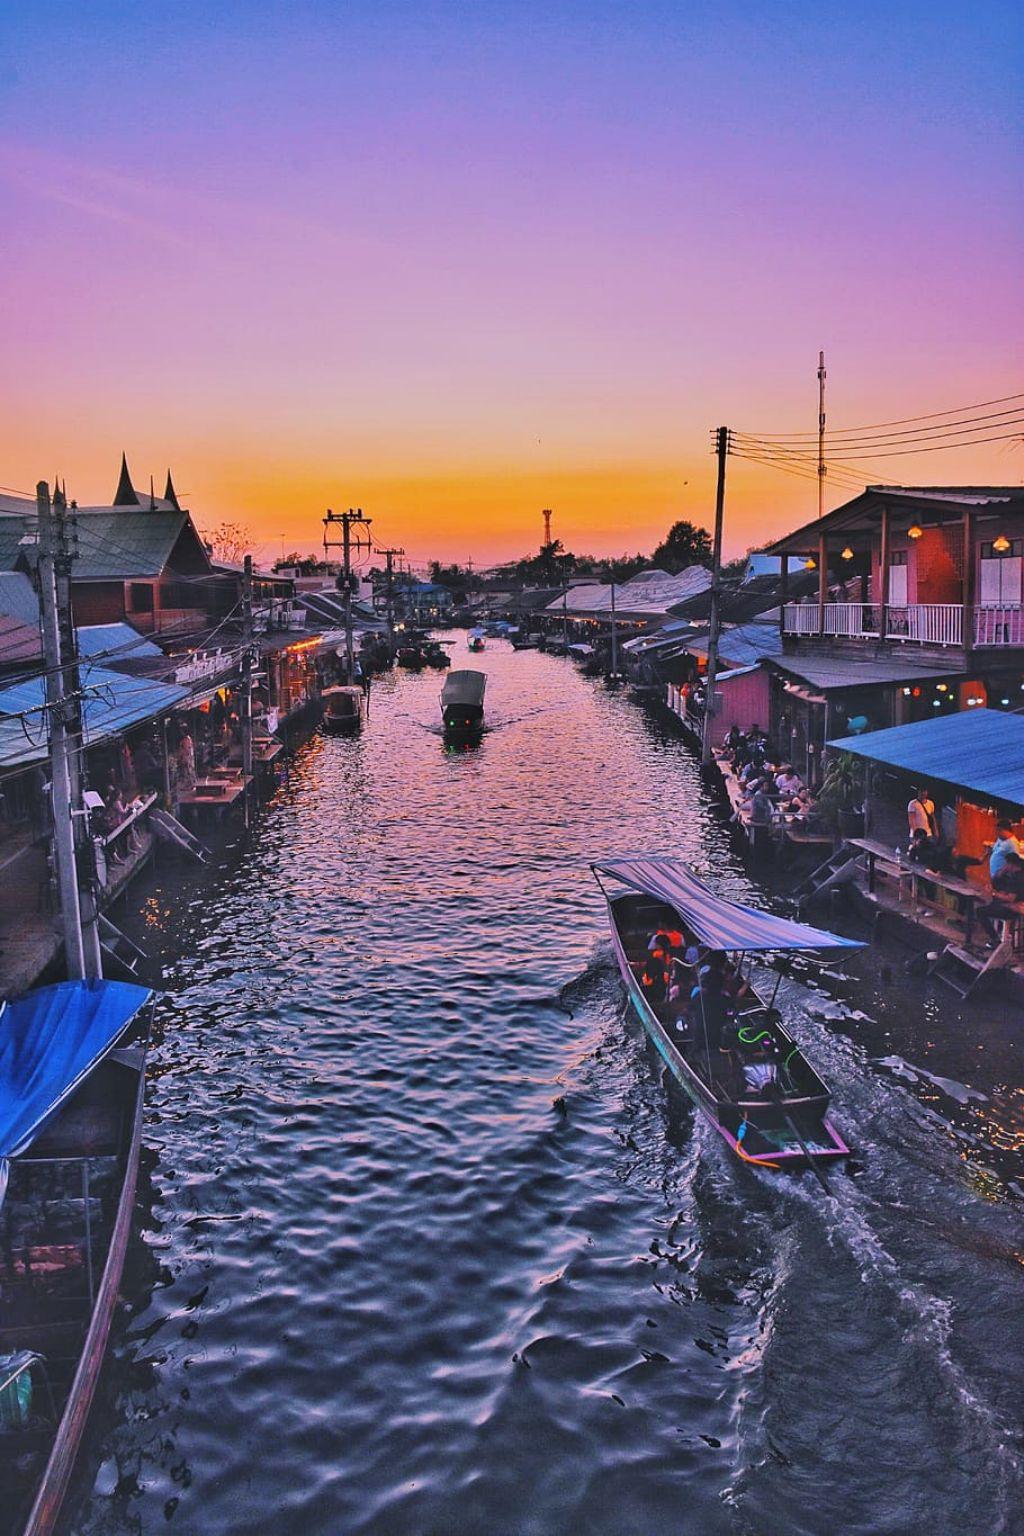 태국 암파와 수상 시장(Amphawa Floating Market) 석양 풍경, phptp by oiqsels,com